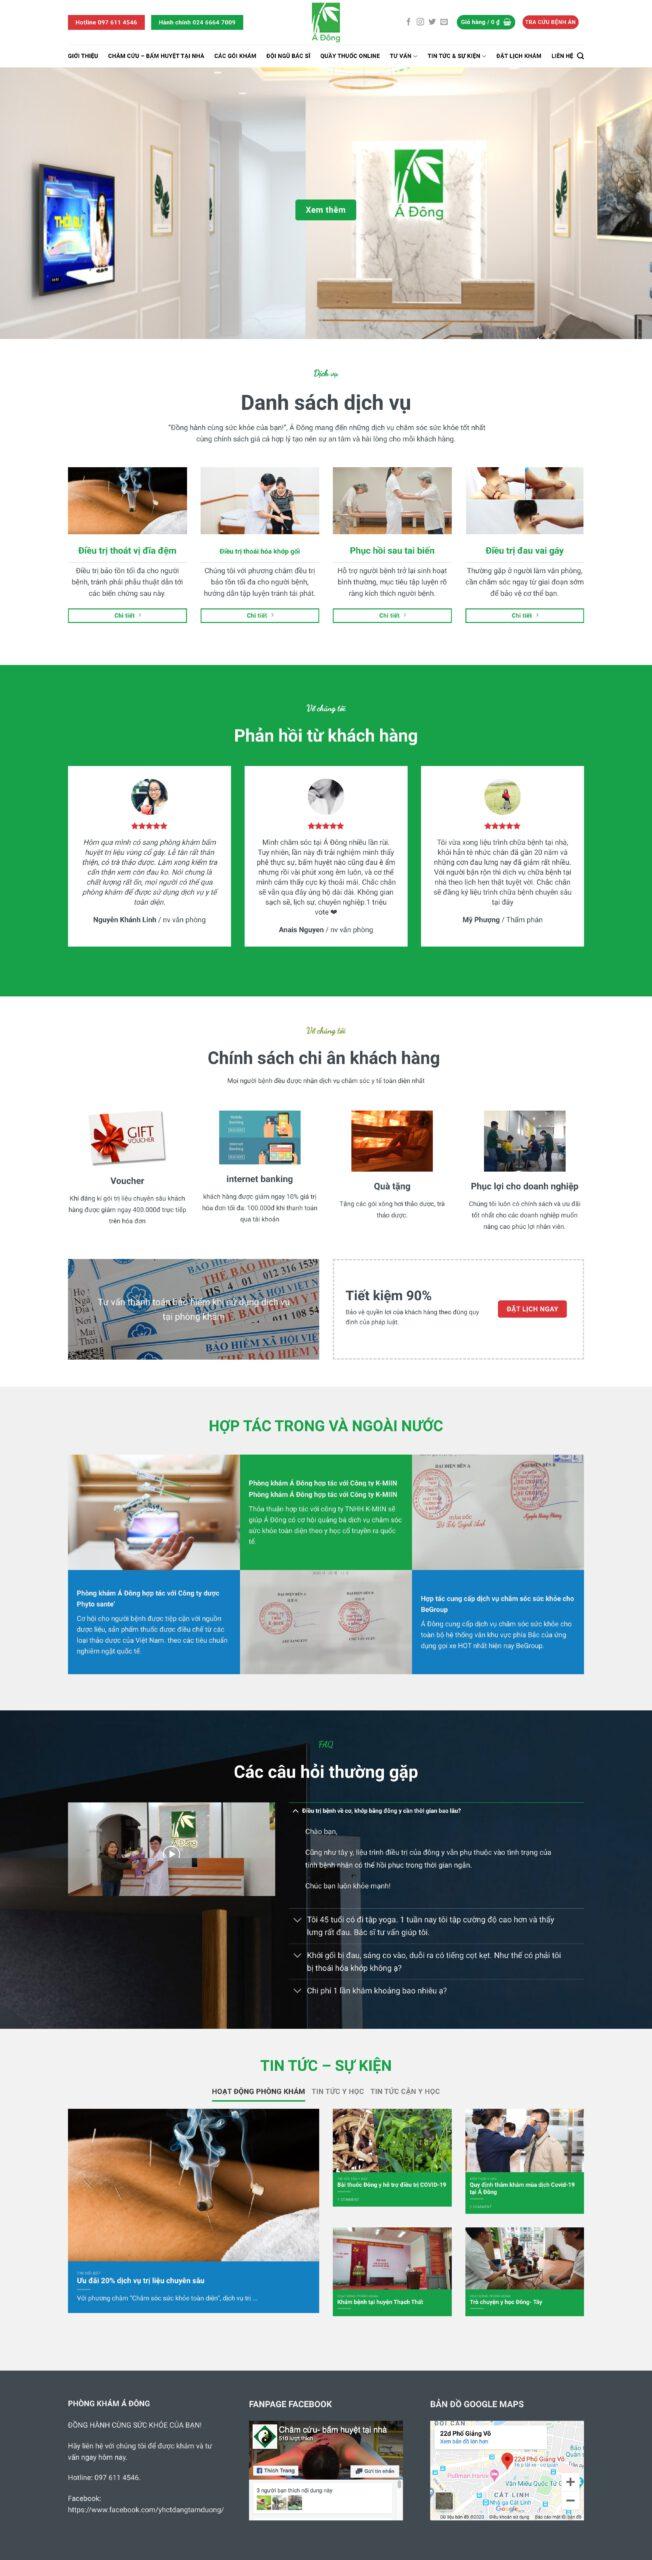 adongclinic.com